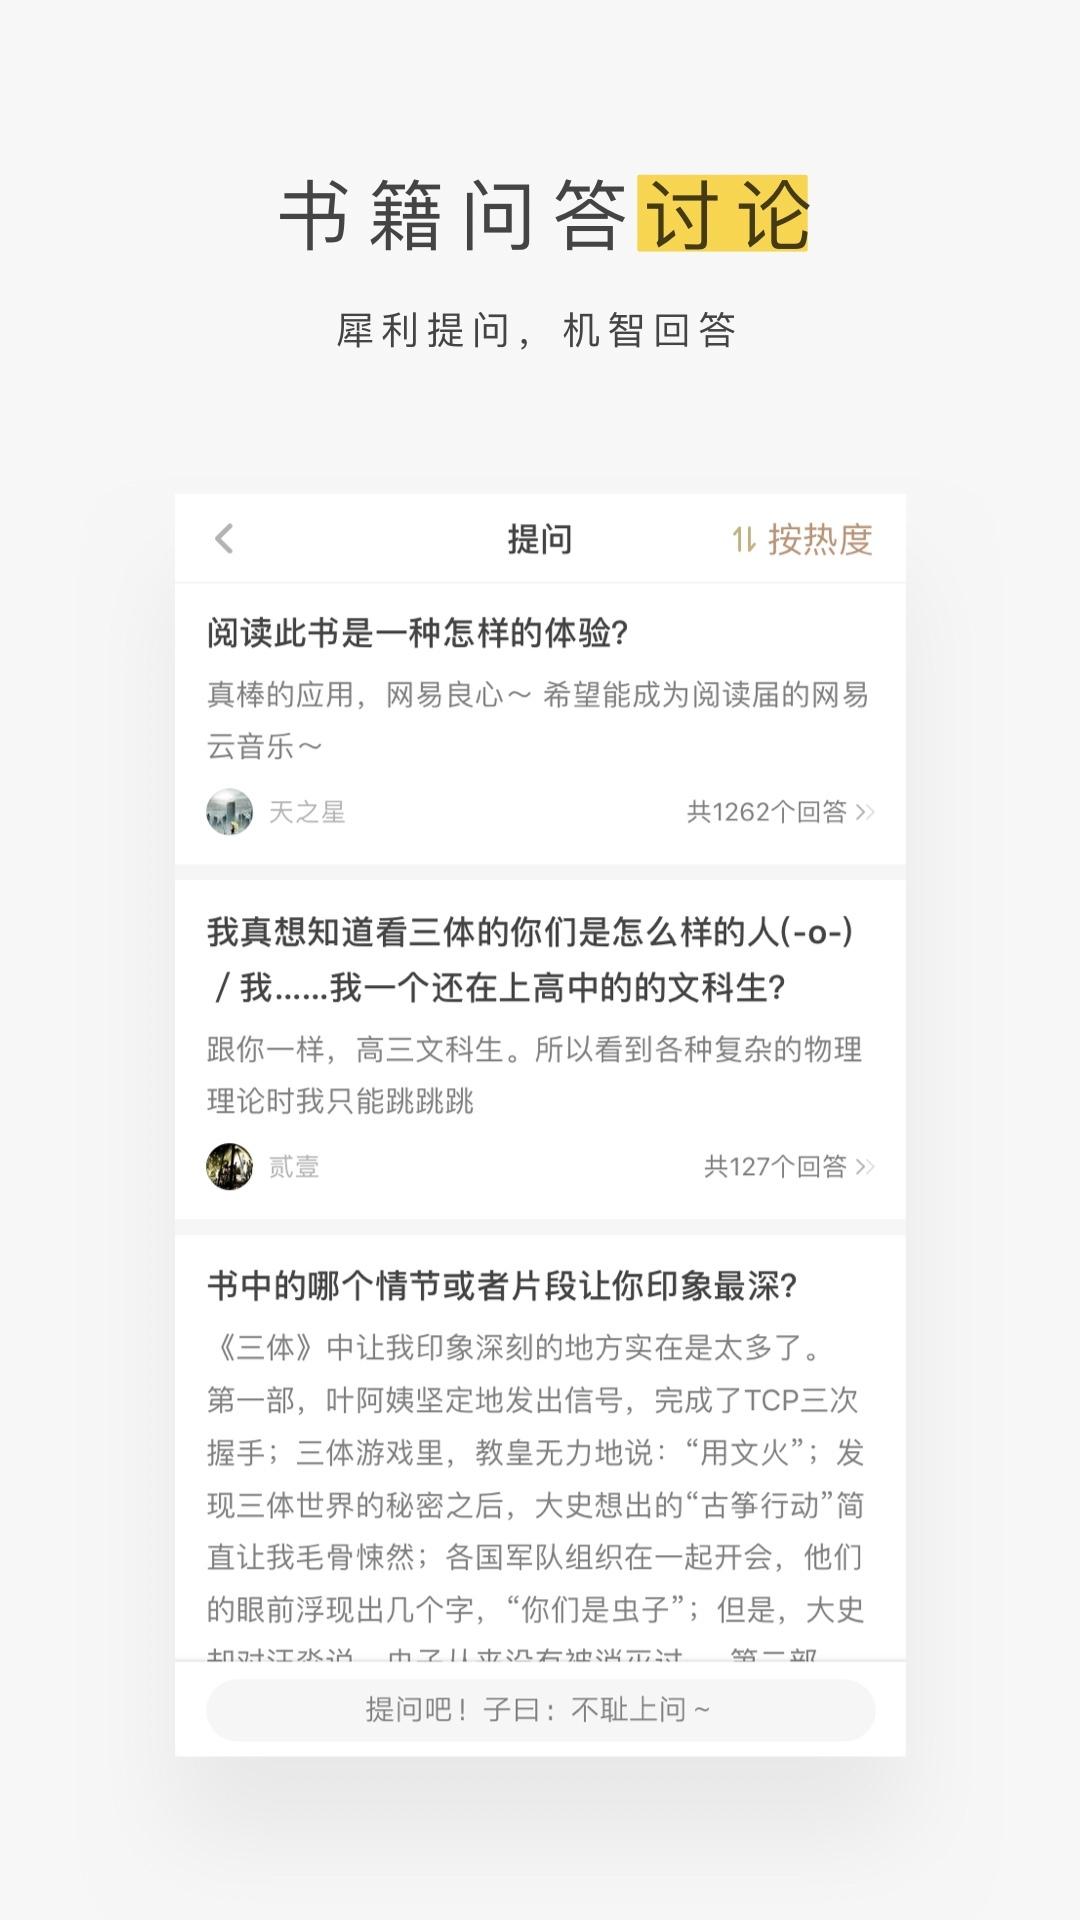 蜗牛读书免登录版 V1.9.15 安卓版截图1